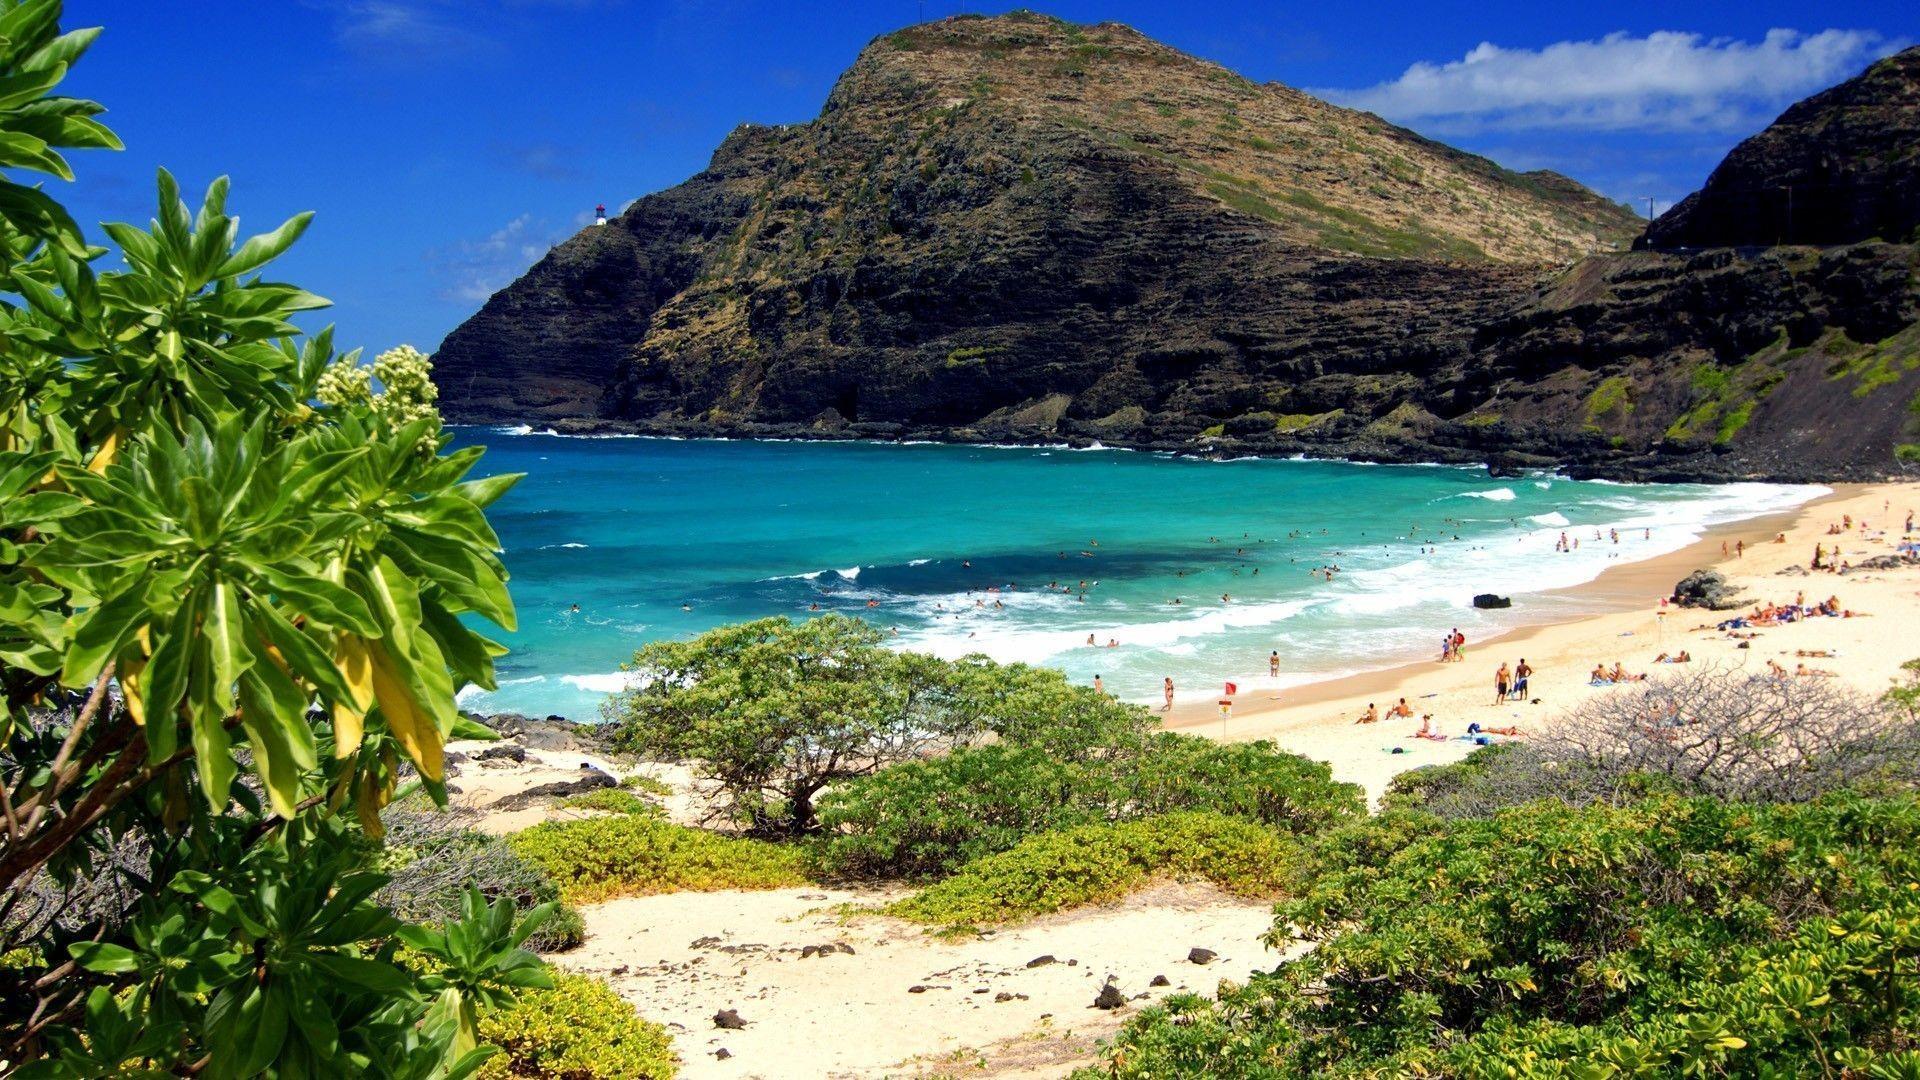 Hawaii-Big-Island-HD-Wallpapers.jpg